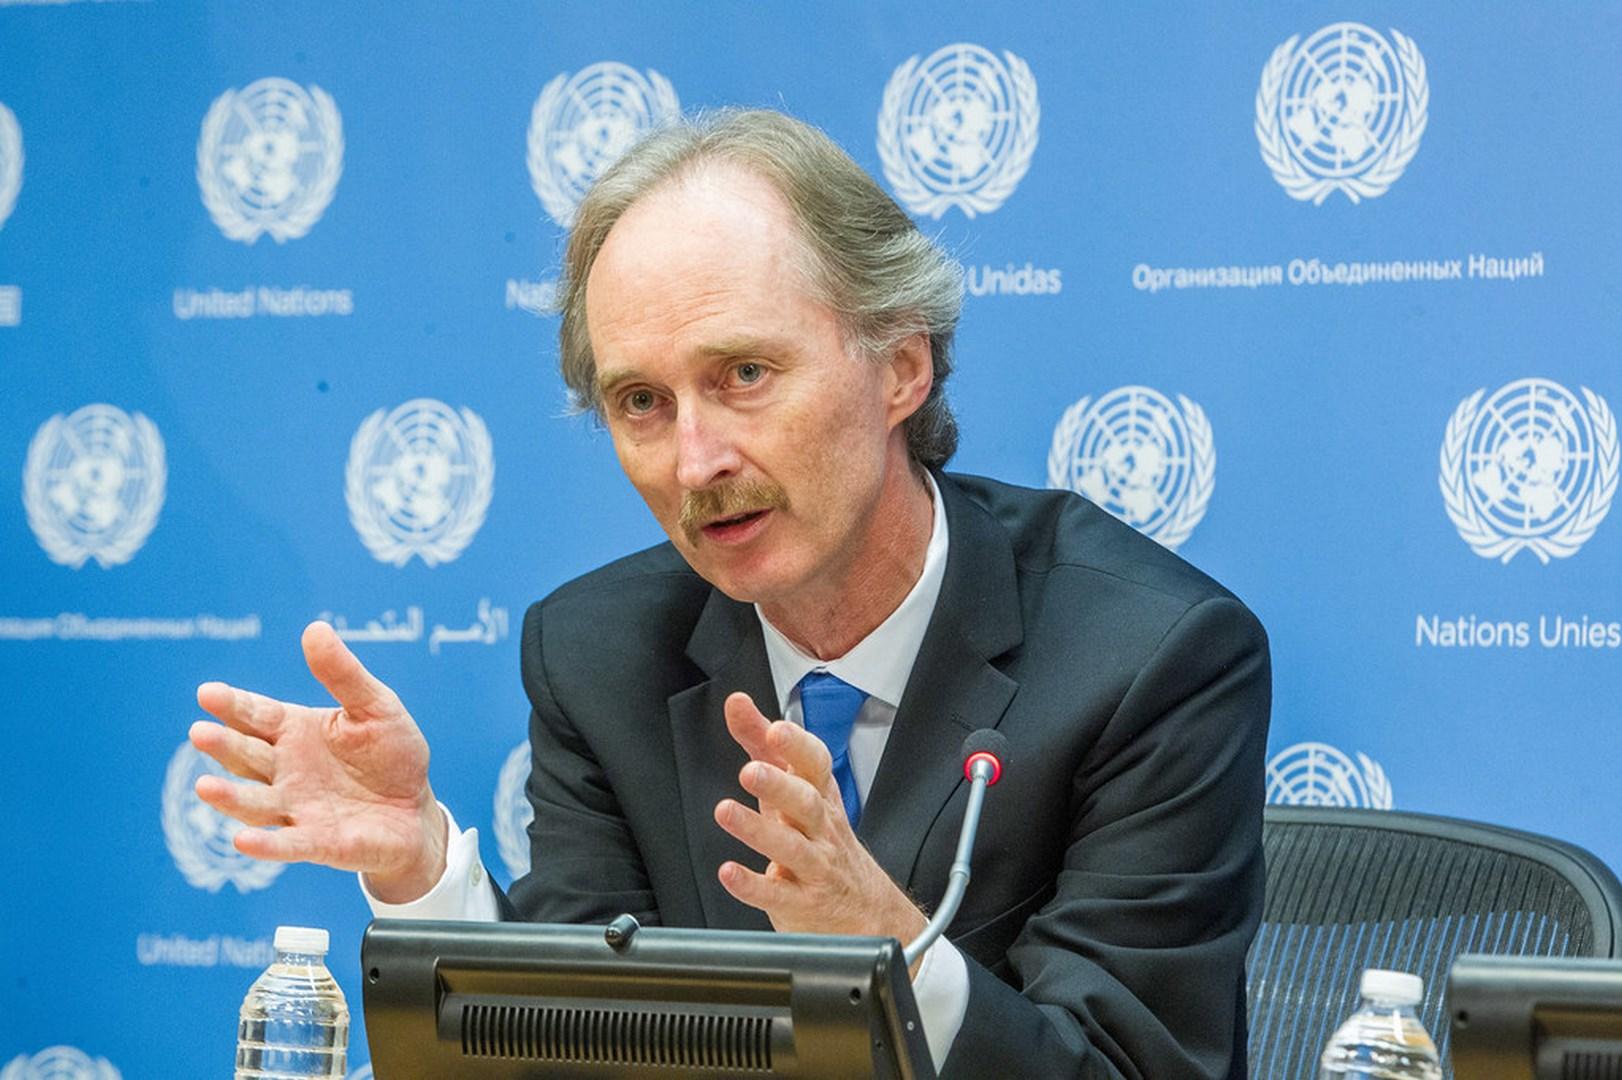 إنطلاق الجولة السادسة من اجتماعات جنييف بشأن الدستور السوري